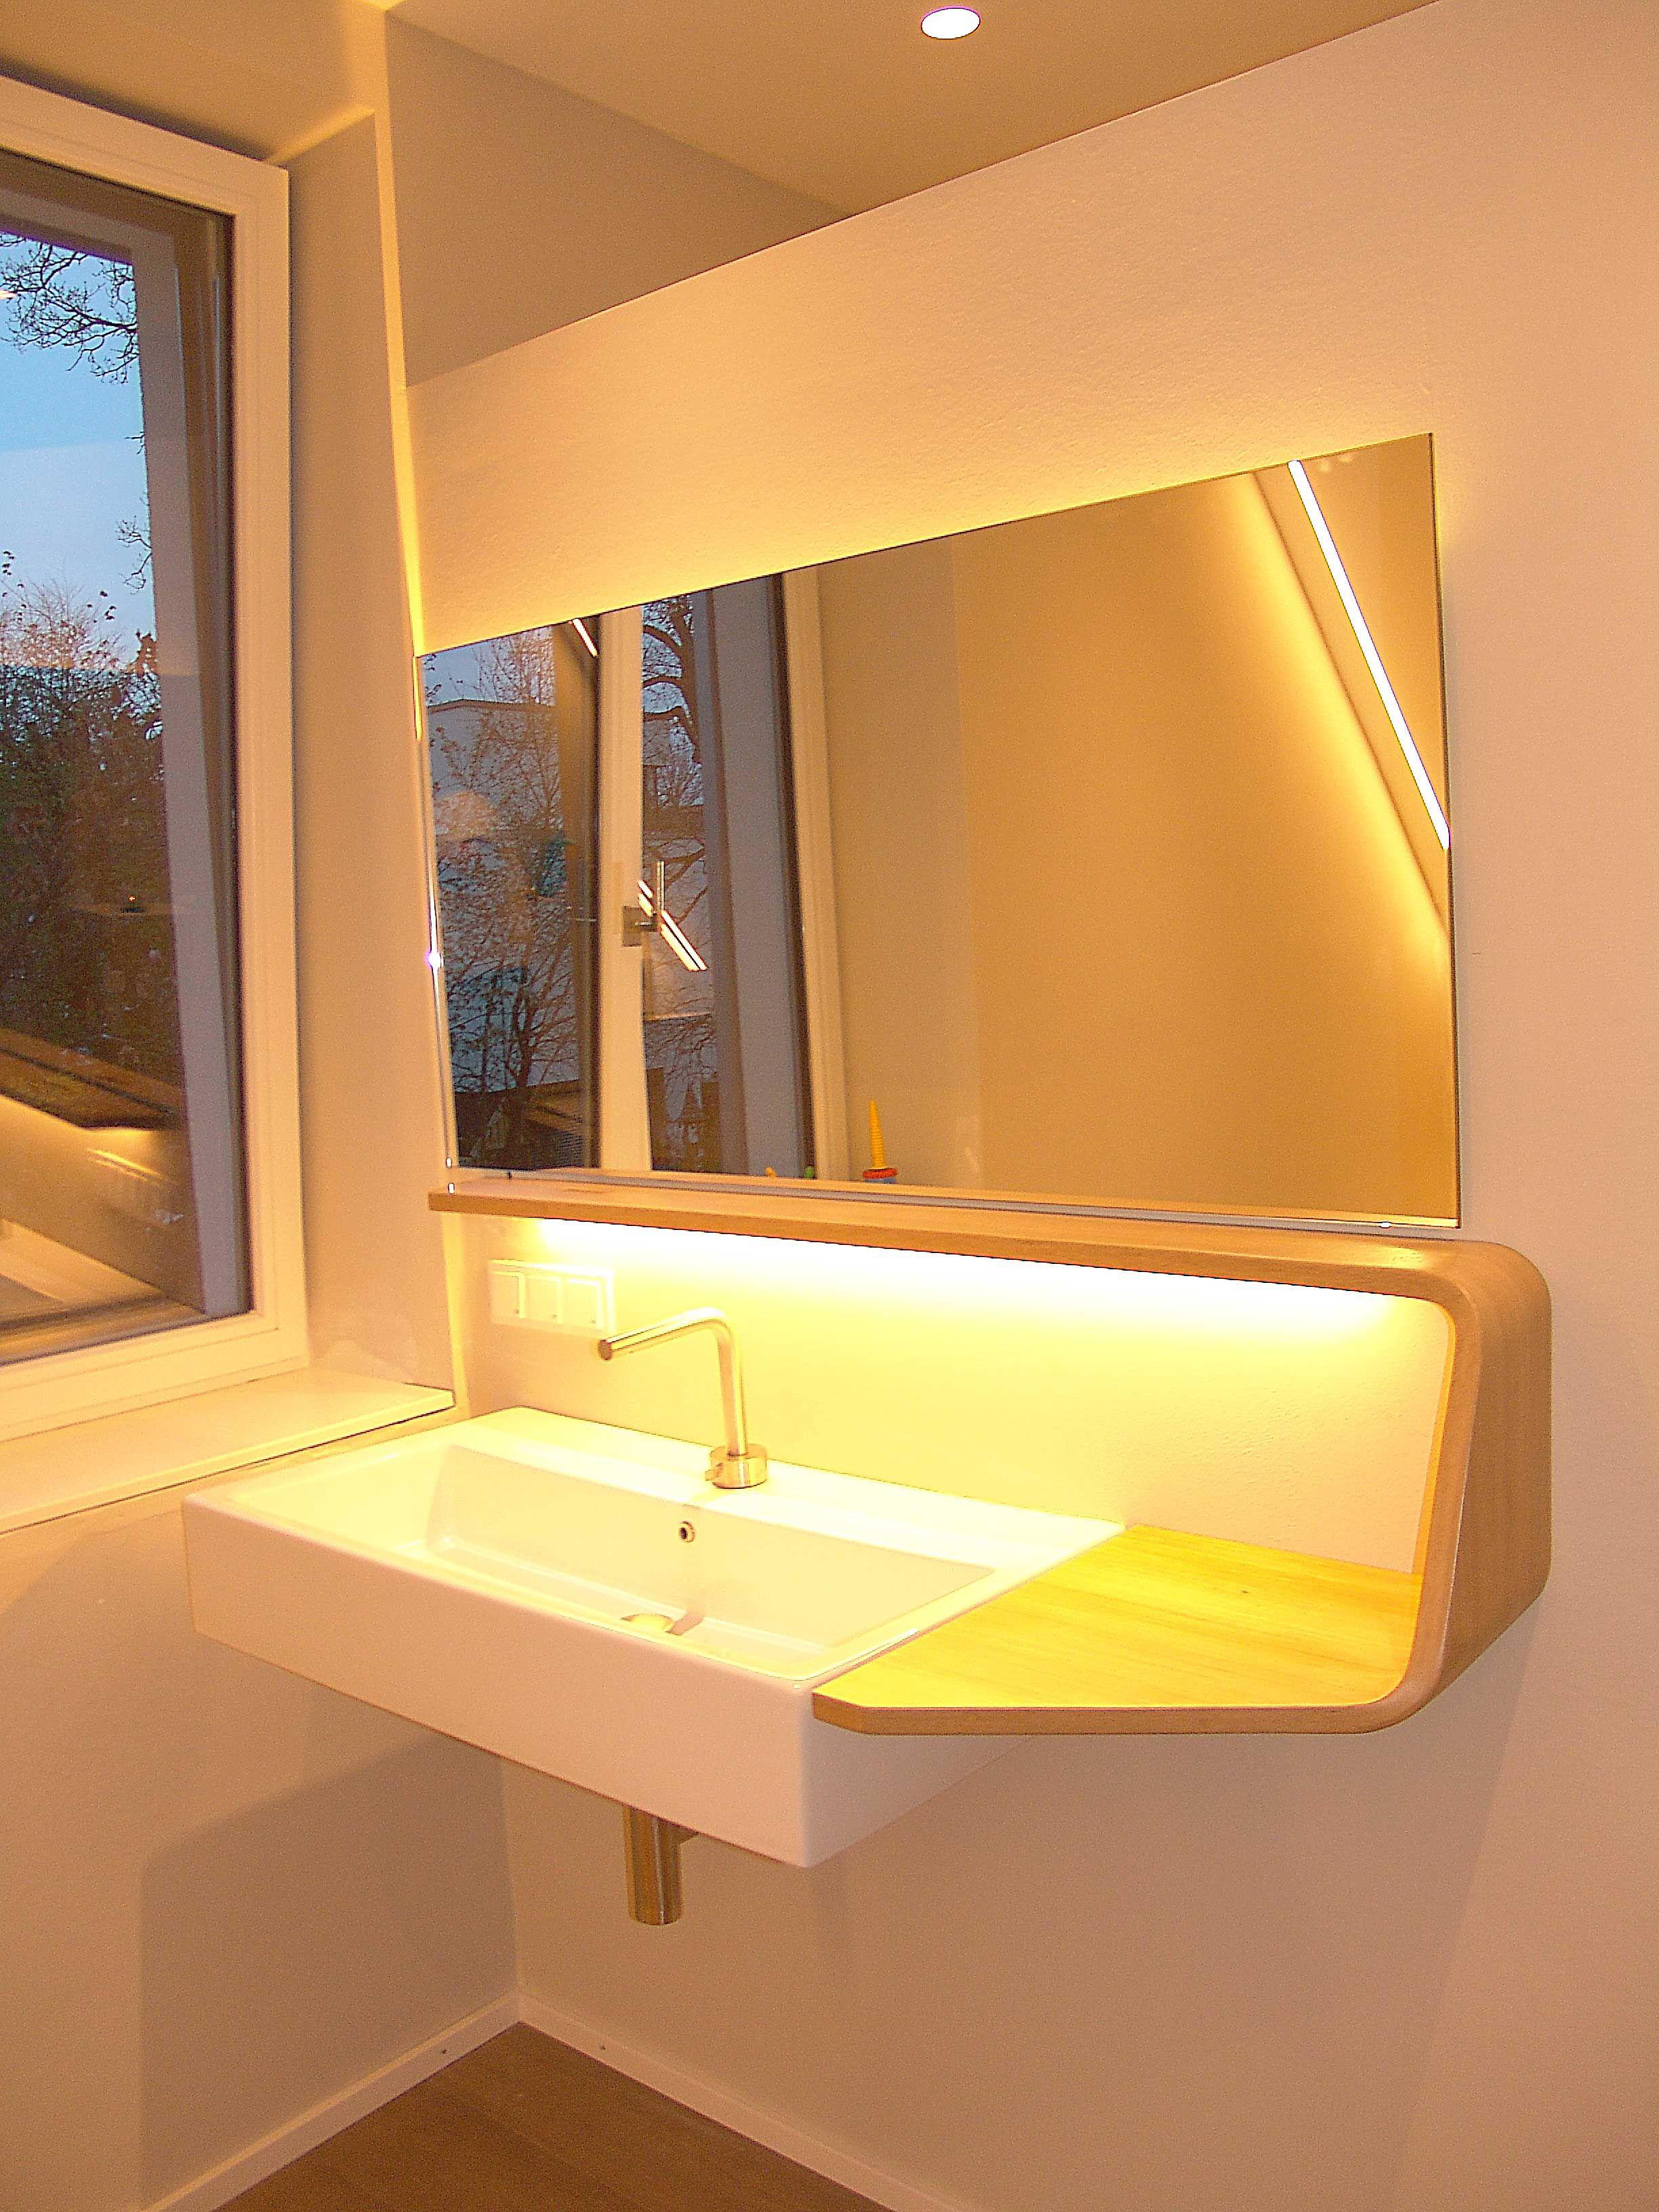 Dusche gemauert wandstärke  Waschtisch Ablage – Waschtische aus Beton, Betonmöbel ...